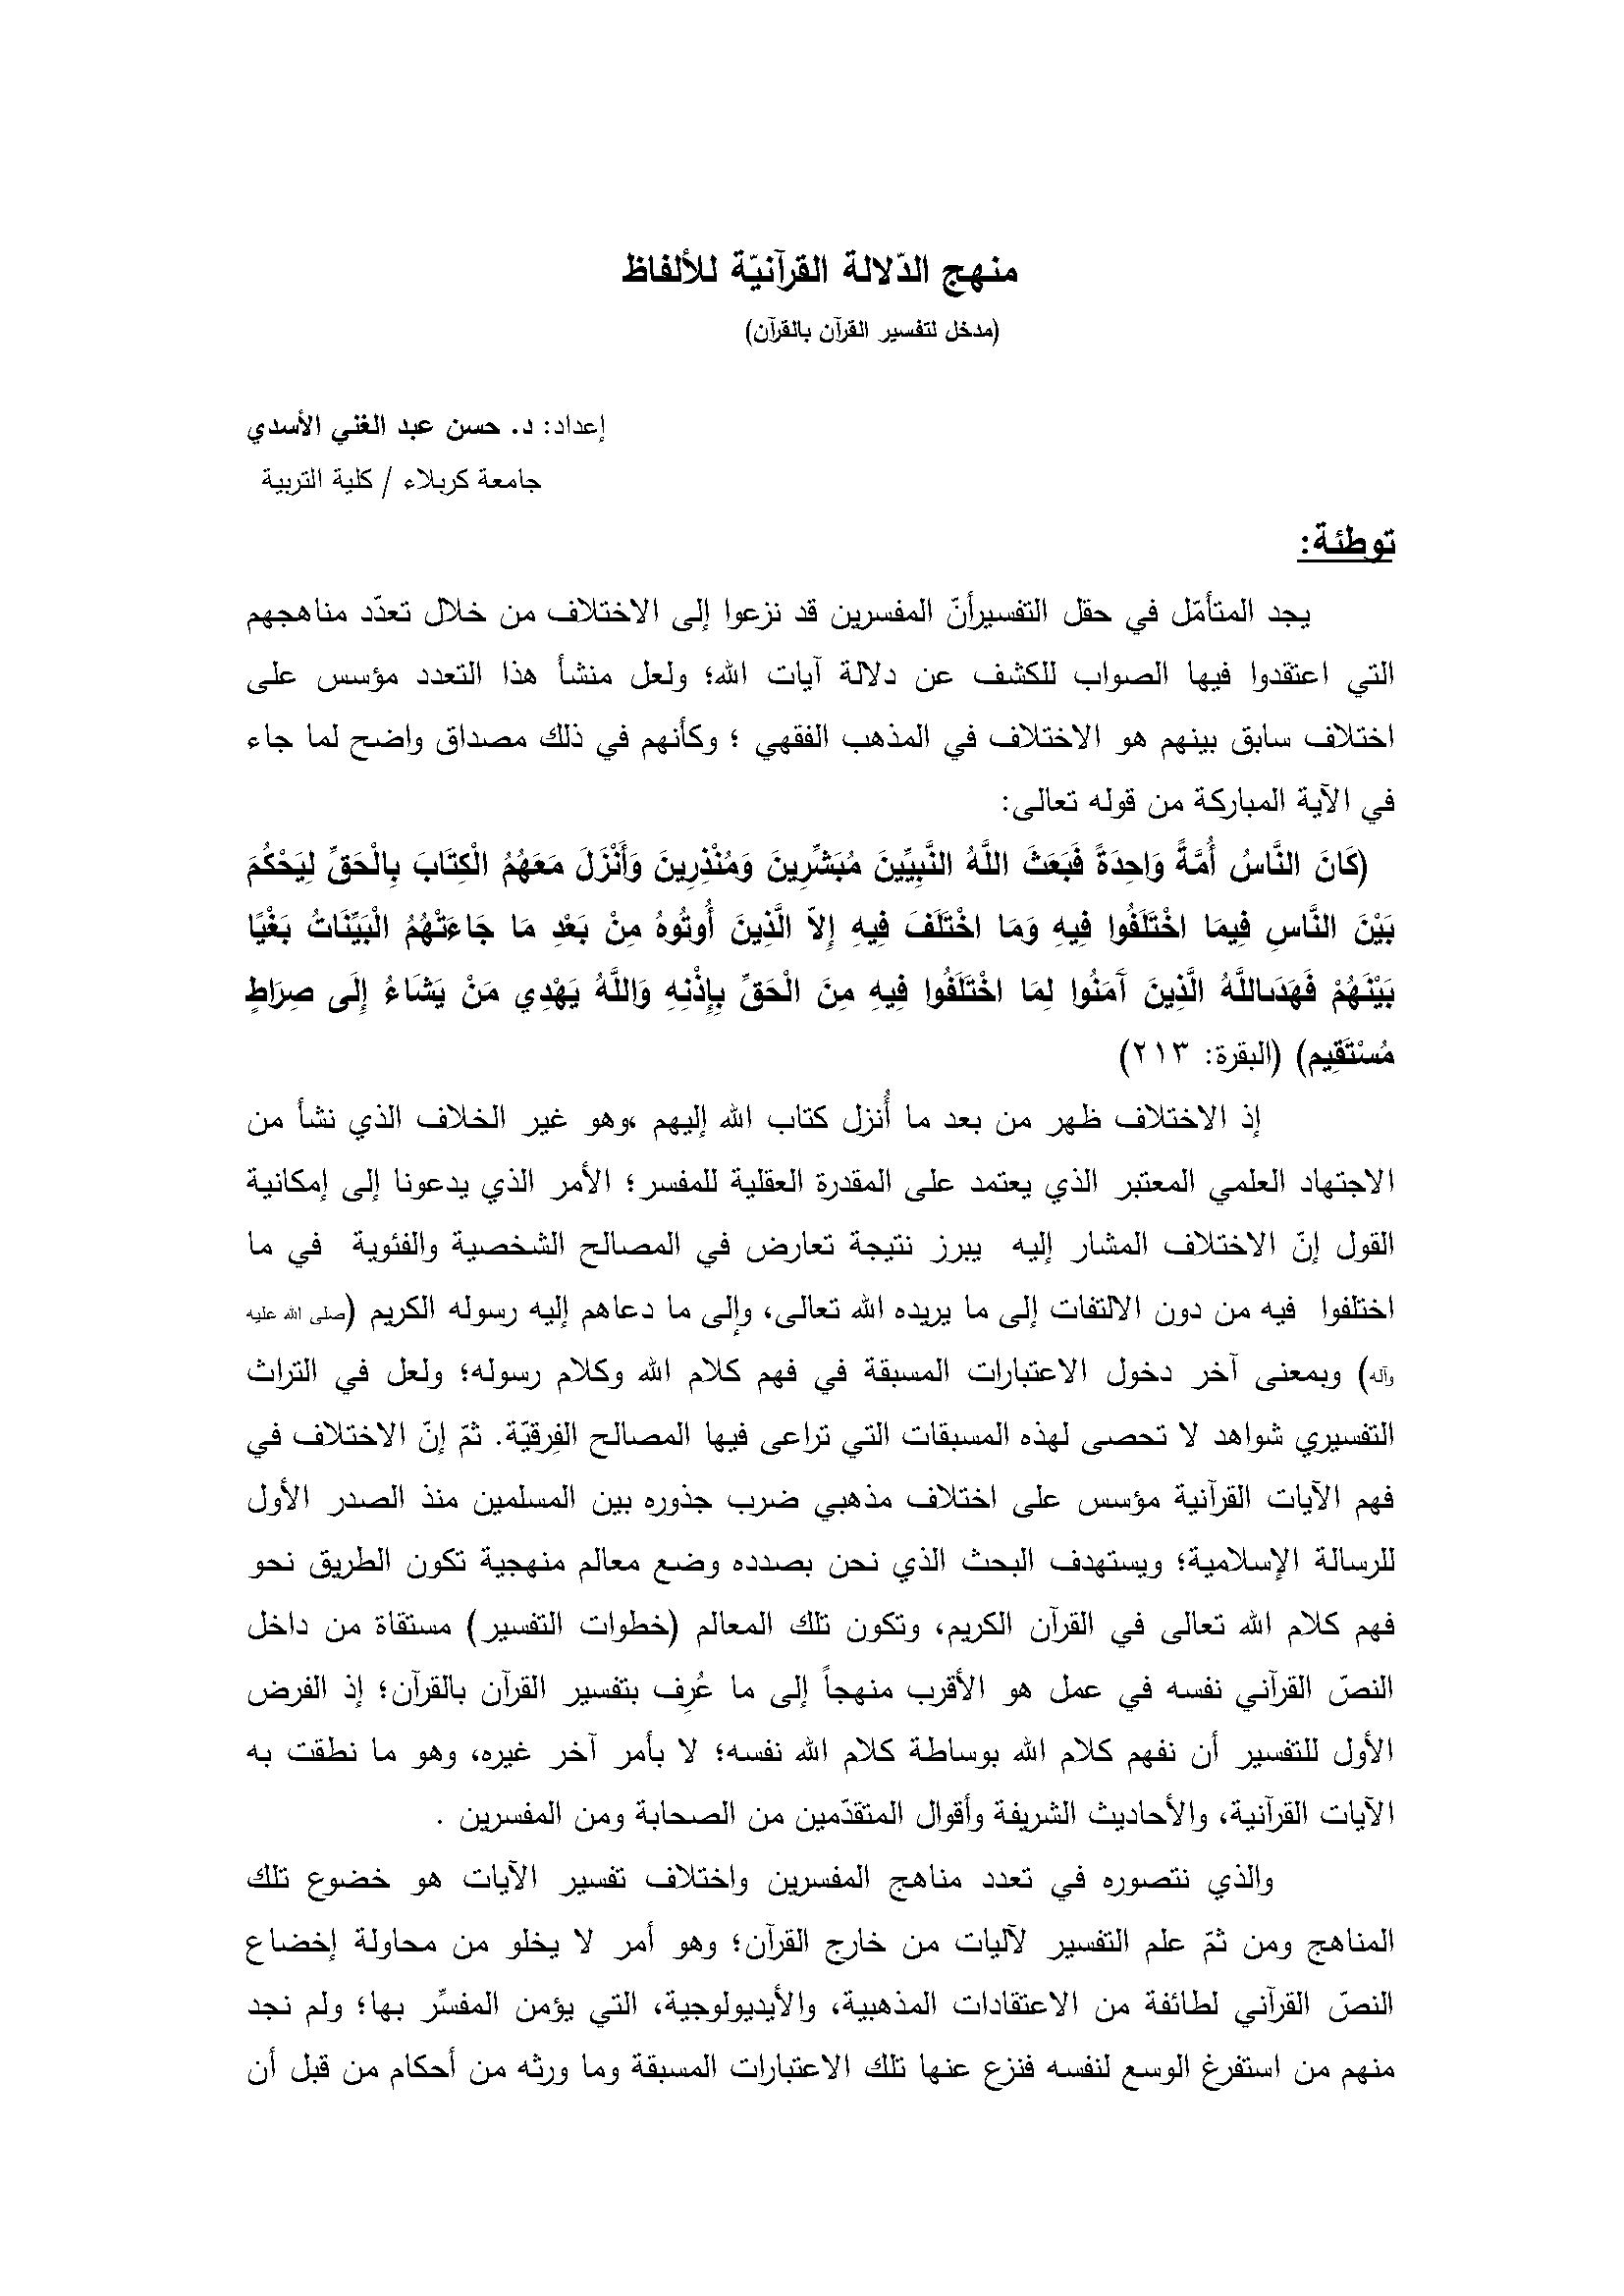 تحميل كتاب منهج الدلالة القرآنية للألفاظ (مدخل لتفسير القرآن بالقرآن) لـِ: الدكتور حسن عبد الغني الأسدي